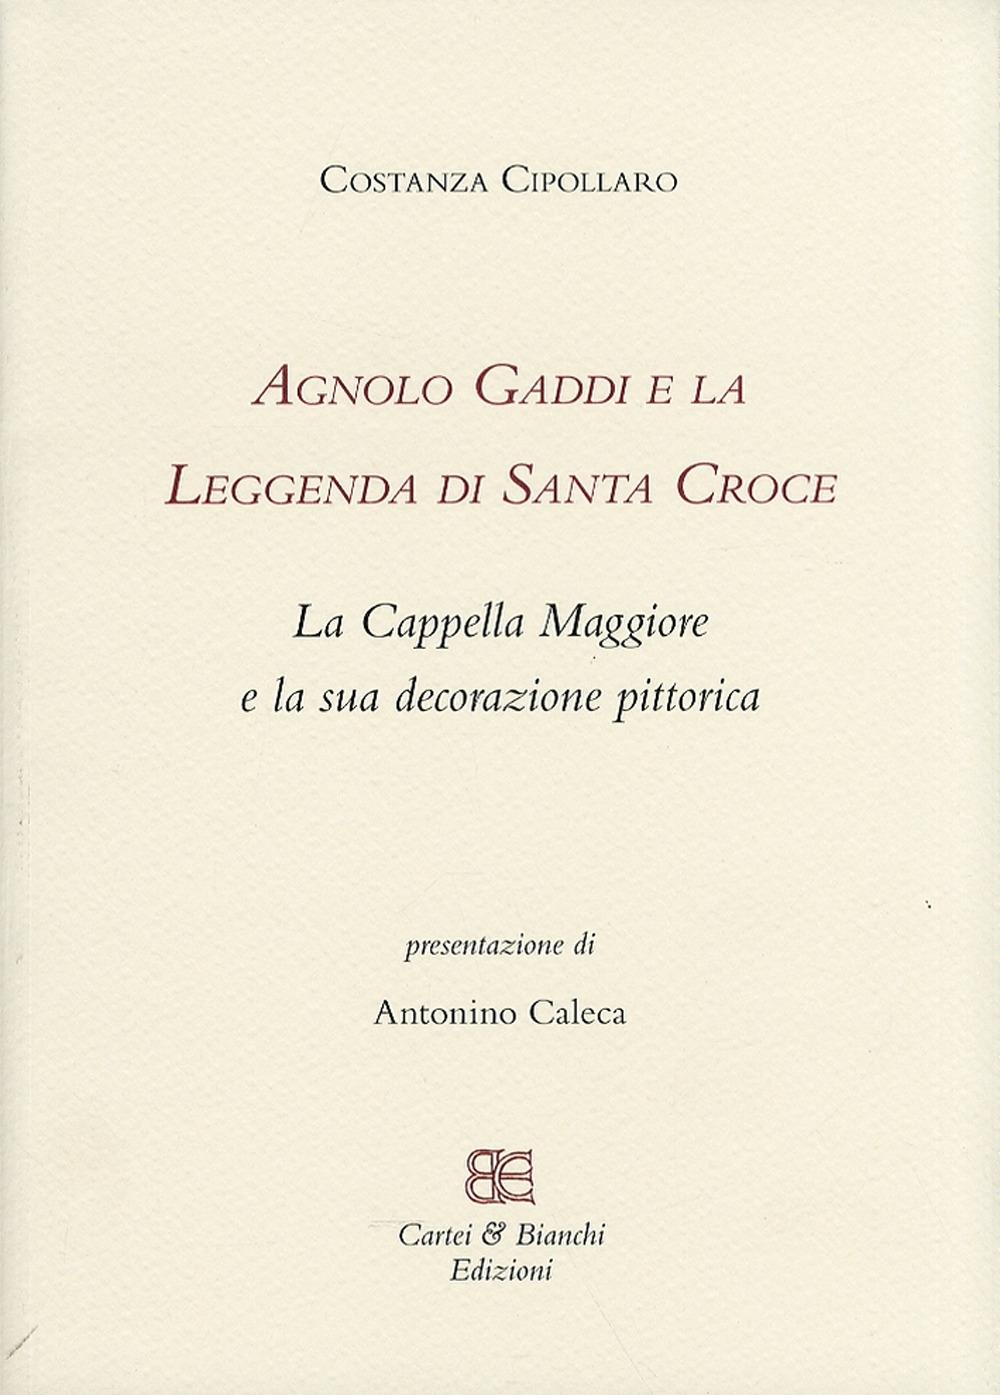 Agnolo Gaddi e la Leggenda di Santa Croce. La Cappella Maggiore e la Sua Decorazione Pittorica